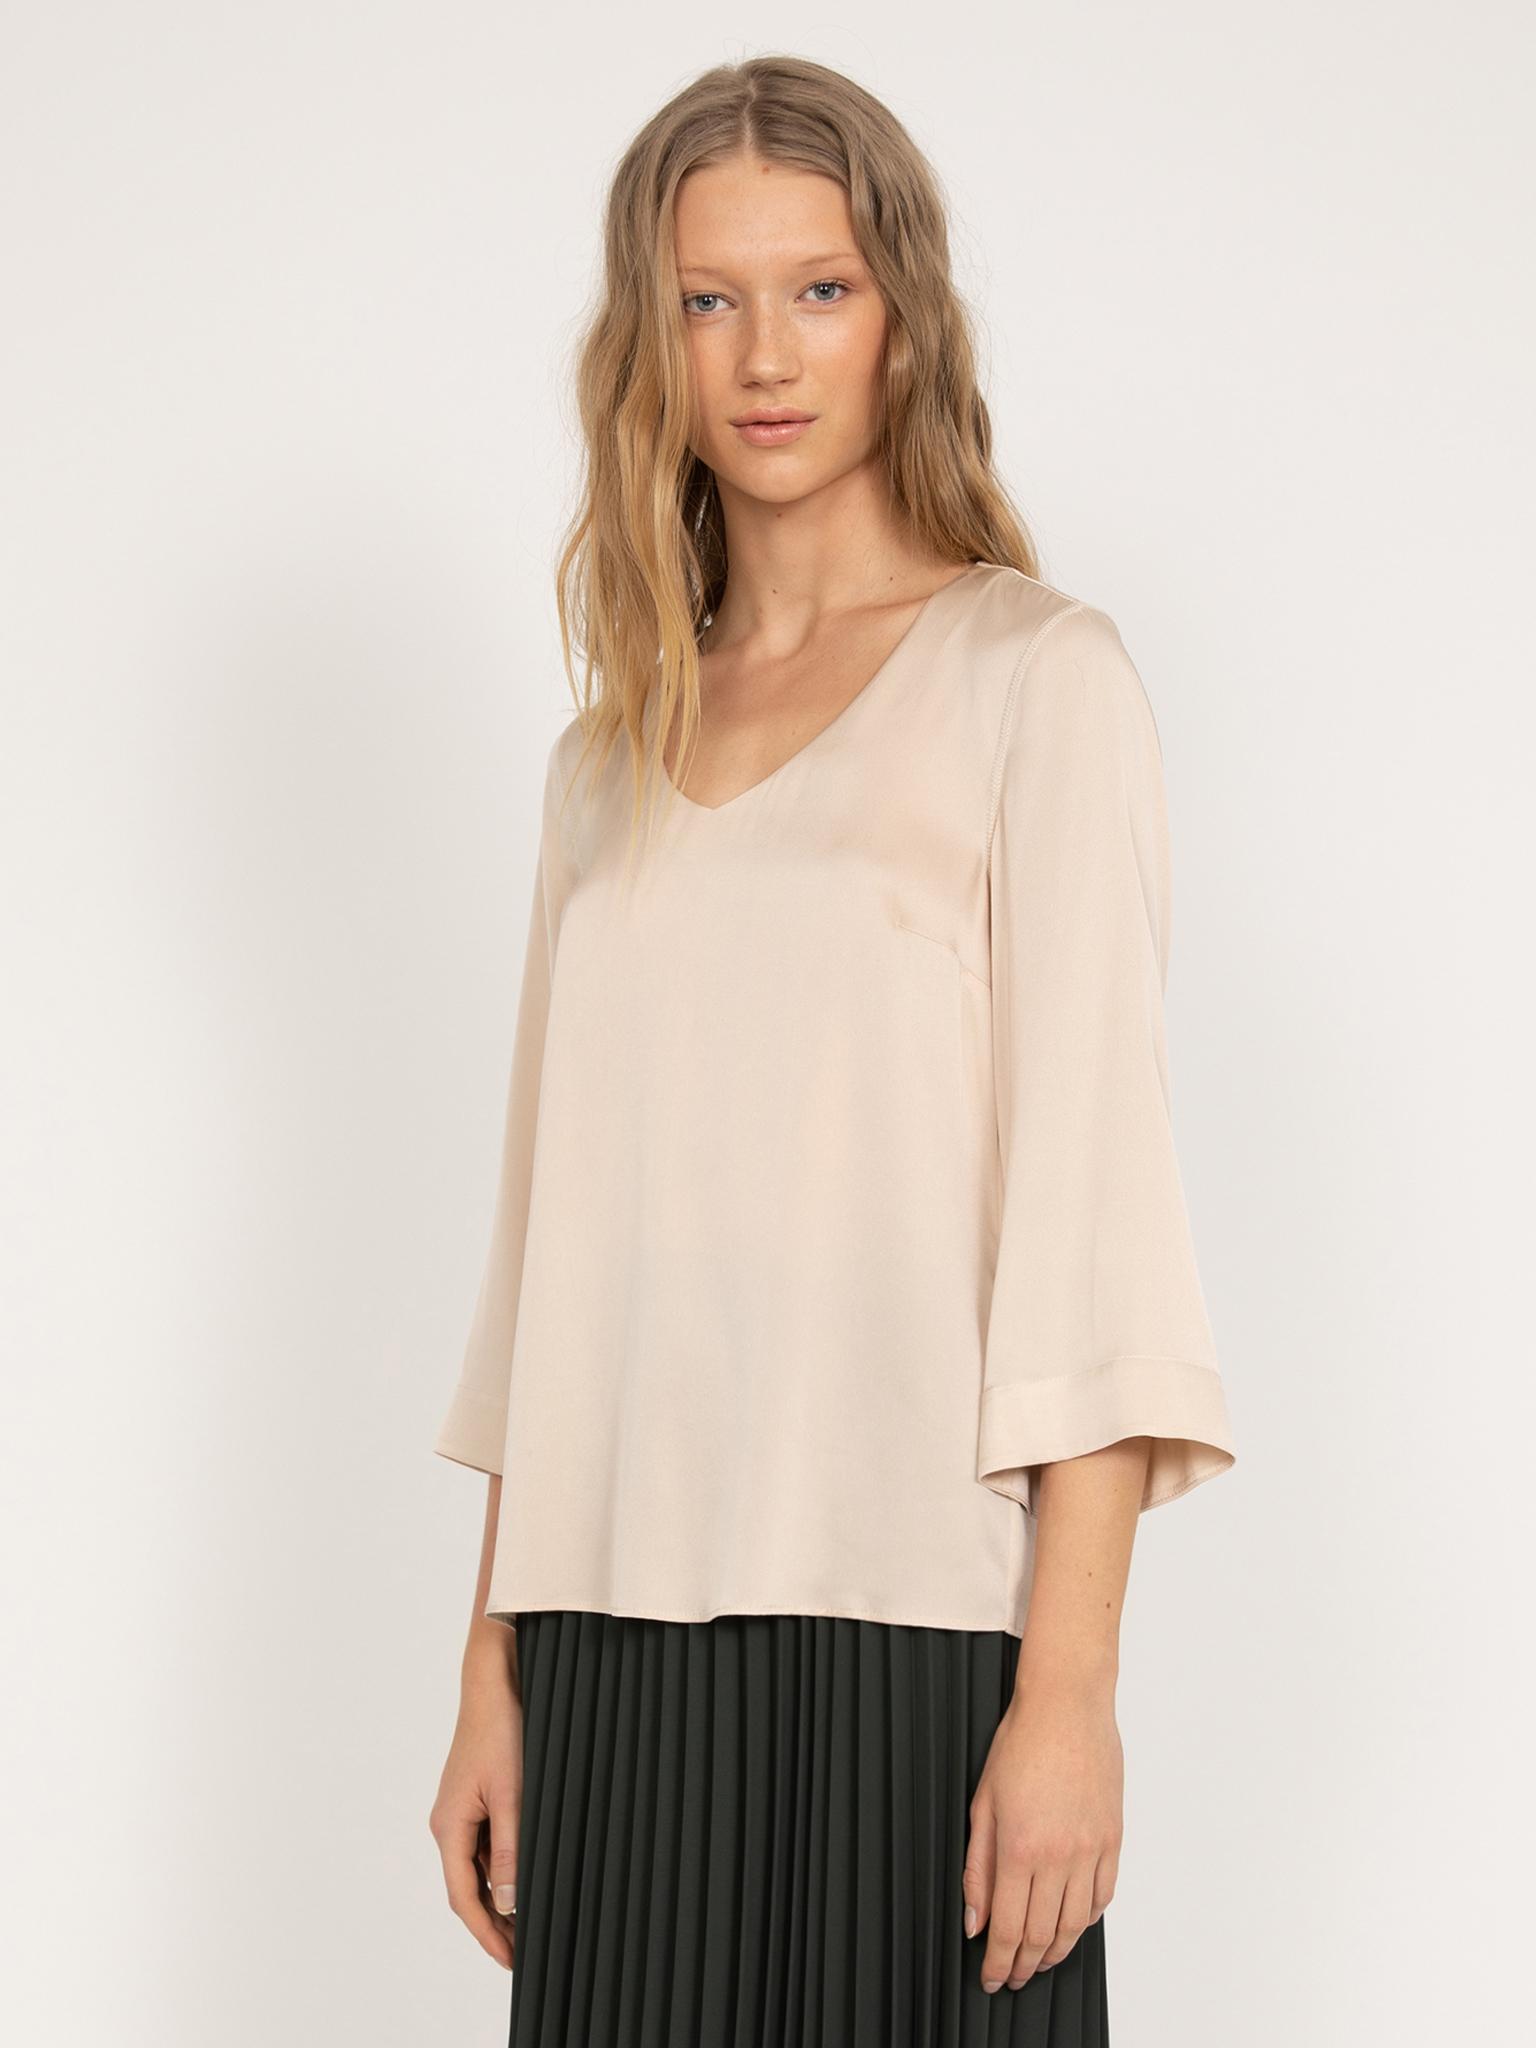 Emiko blouse - Ahlvar